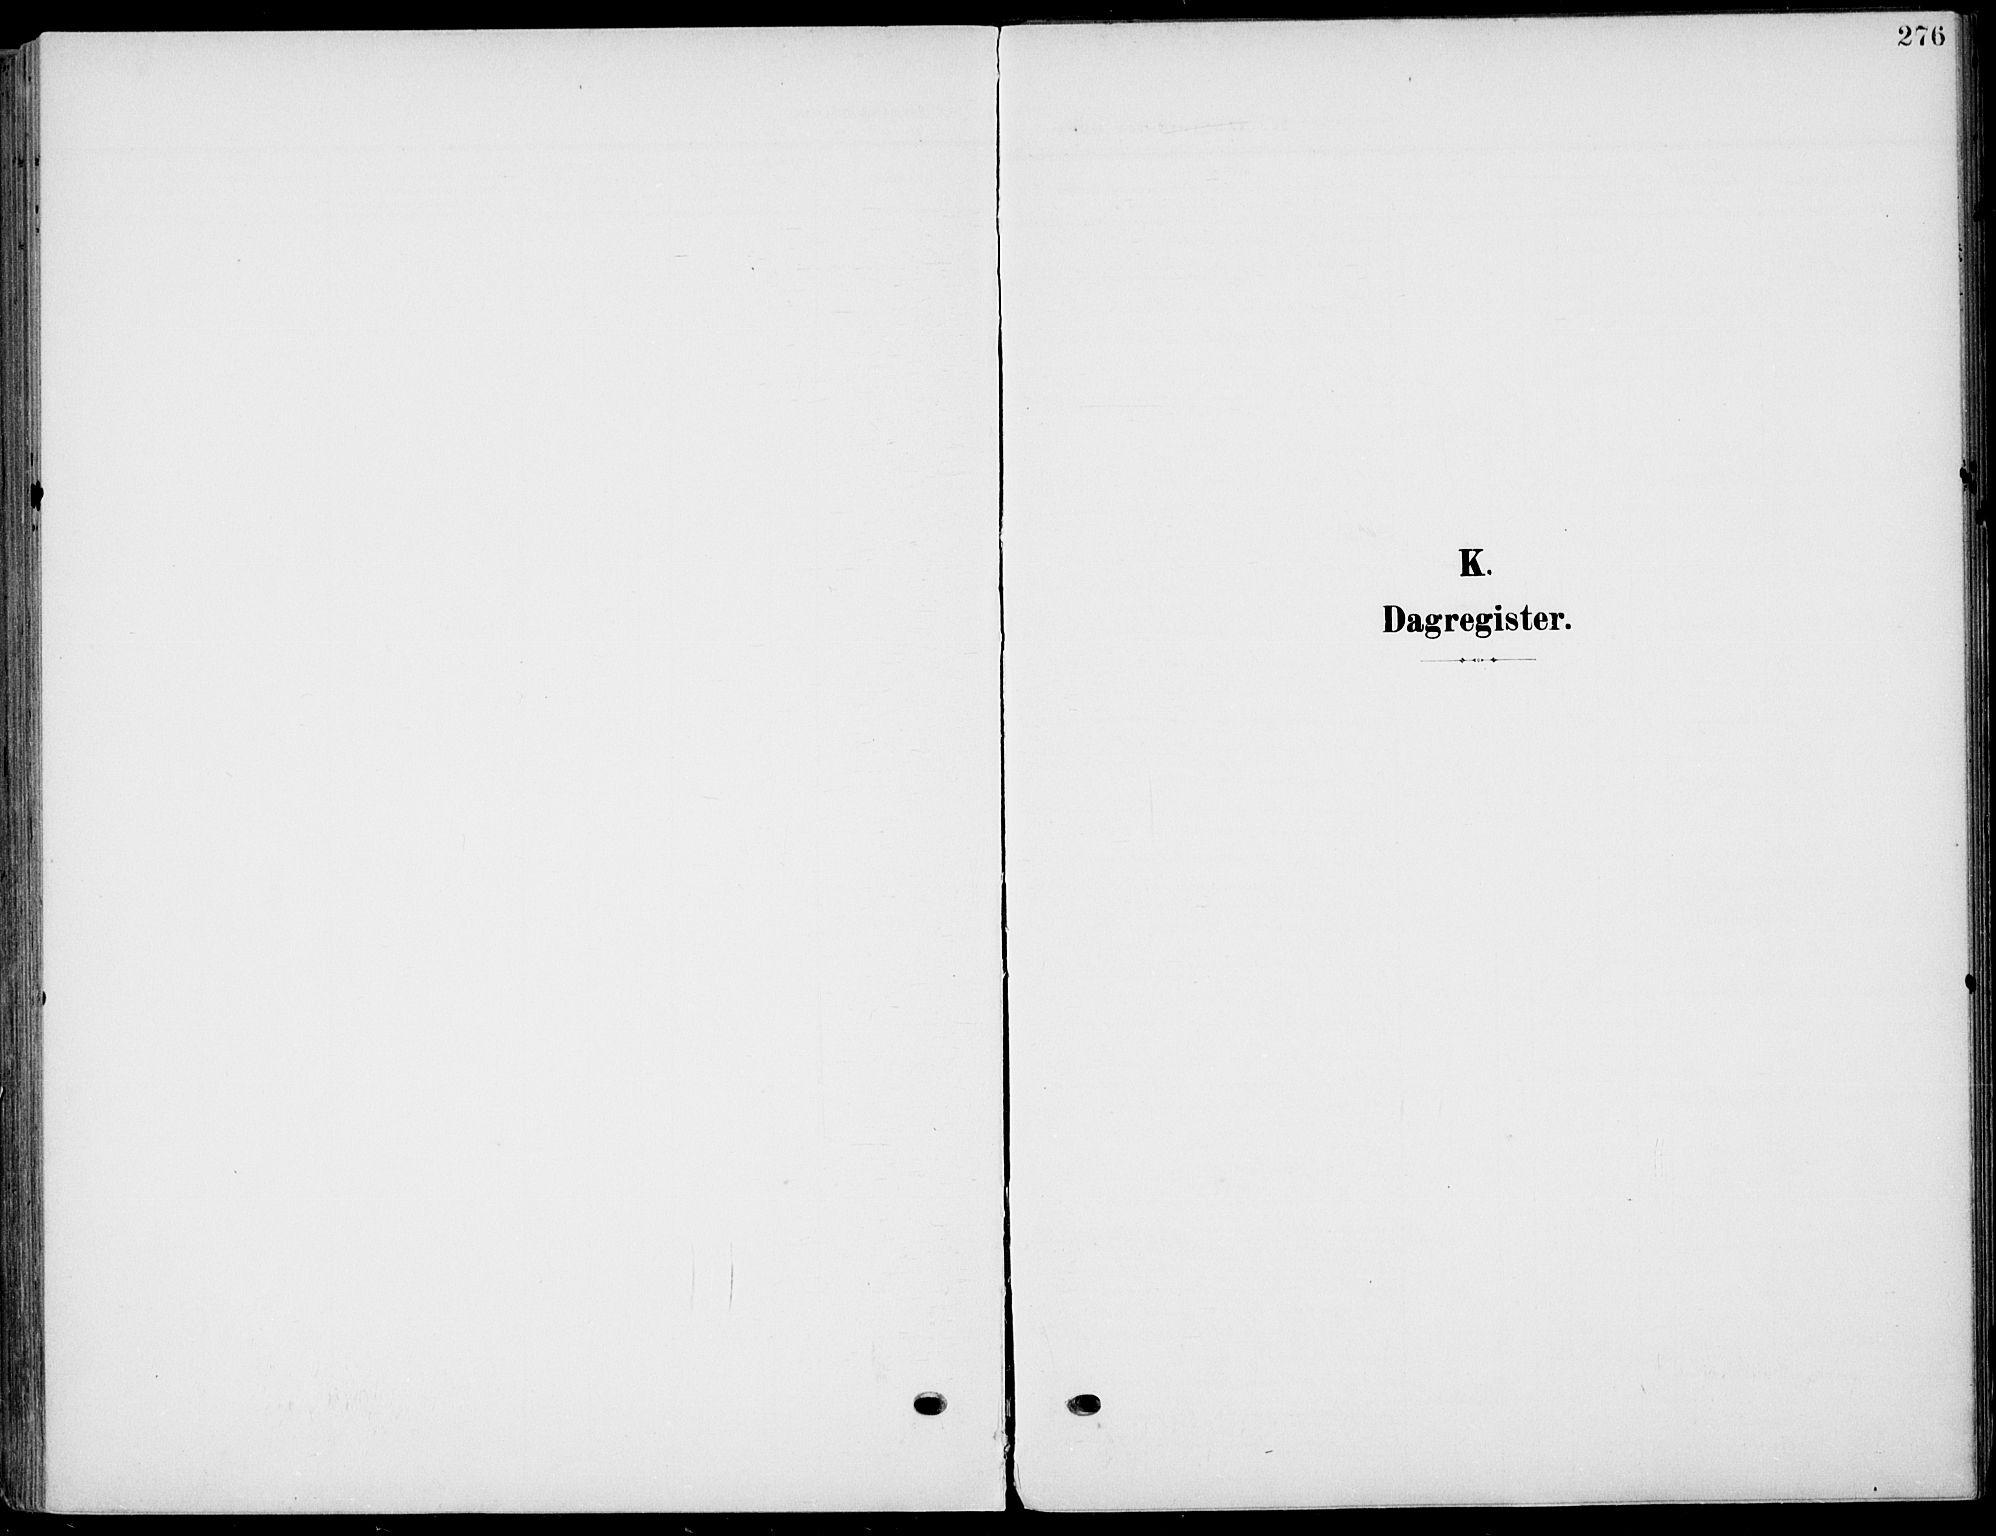 SAKO, Eidanger kirkebøker, F/Fa/L0013: Ministerialbok nr. 13, 1900-1913, s. 276